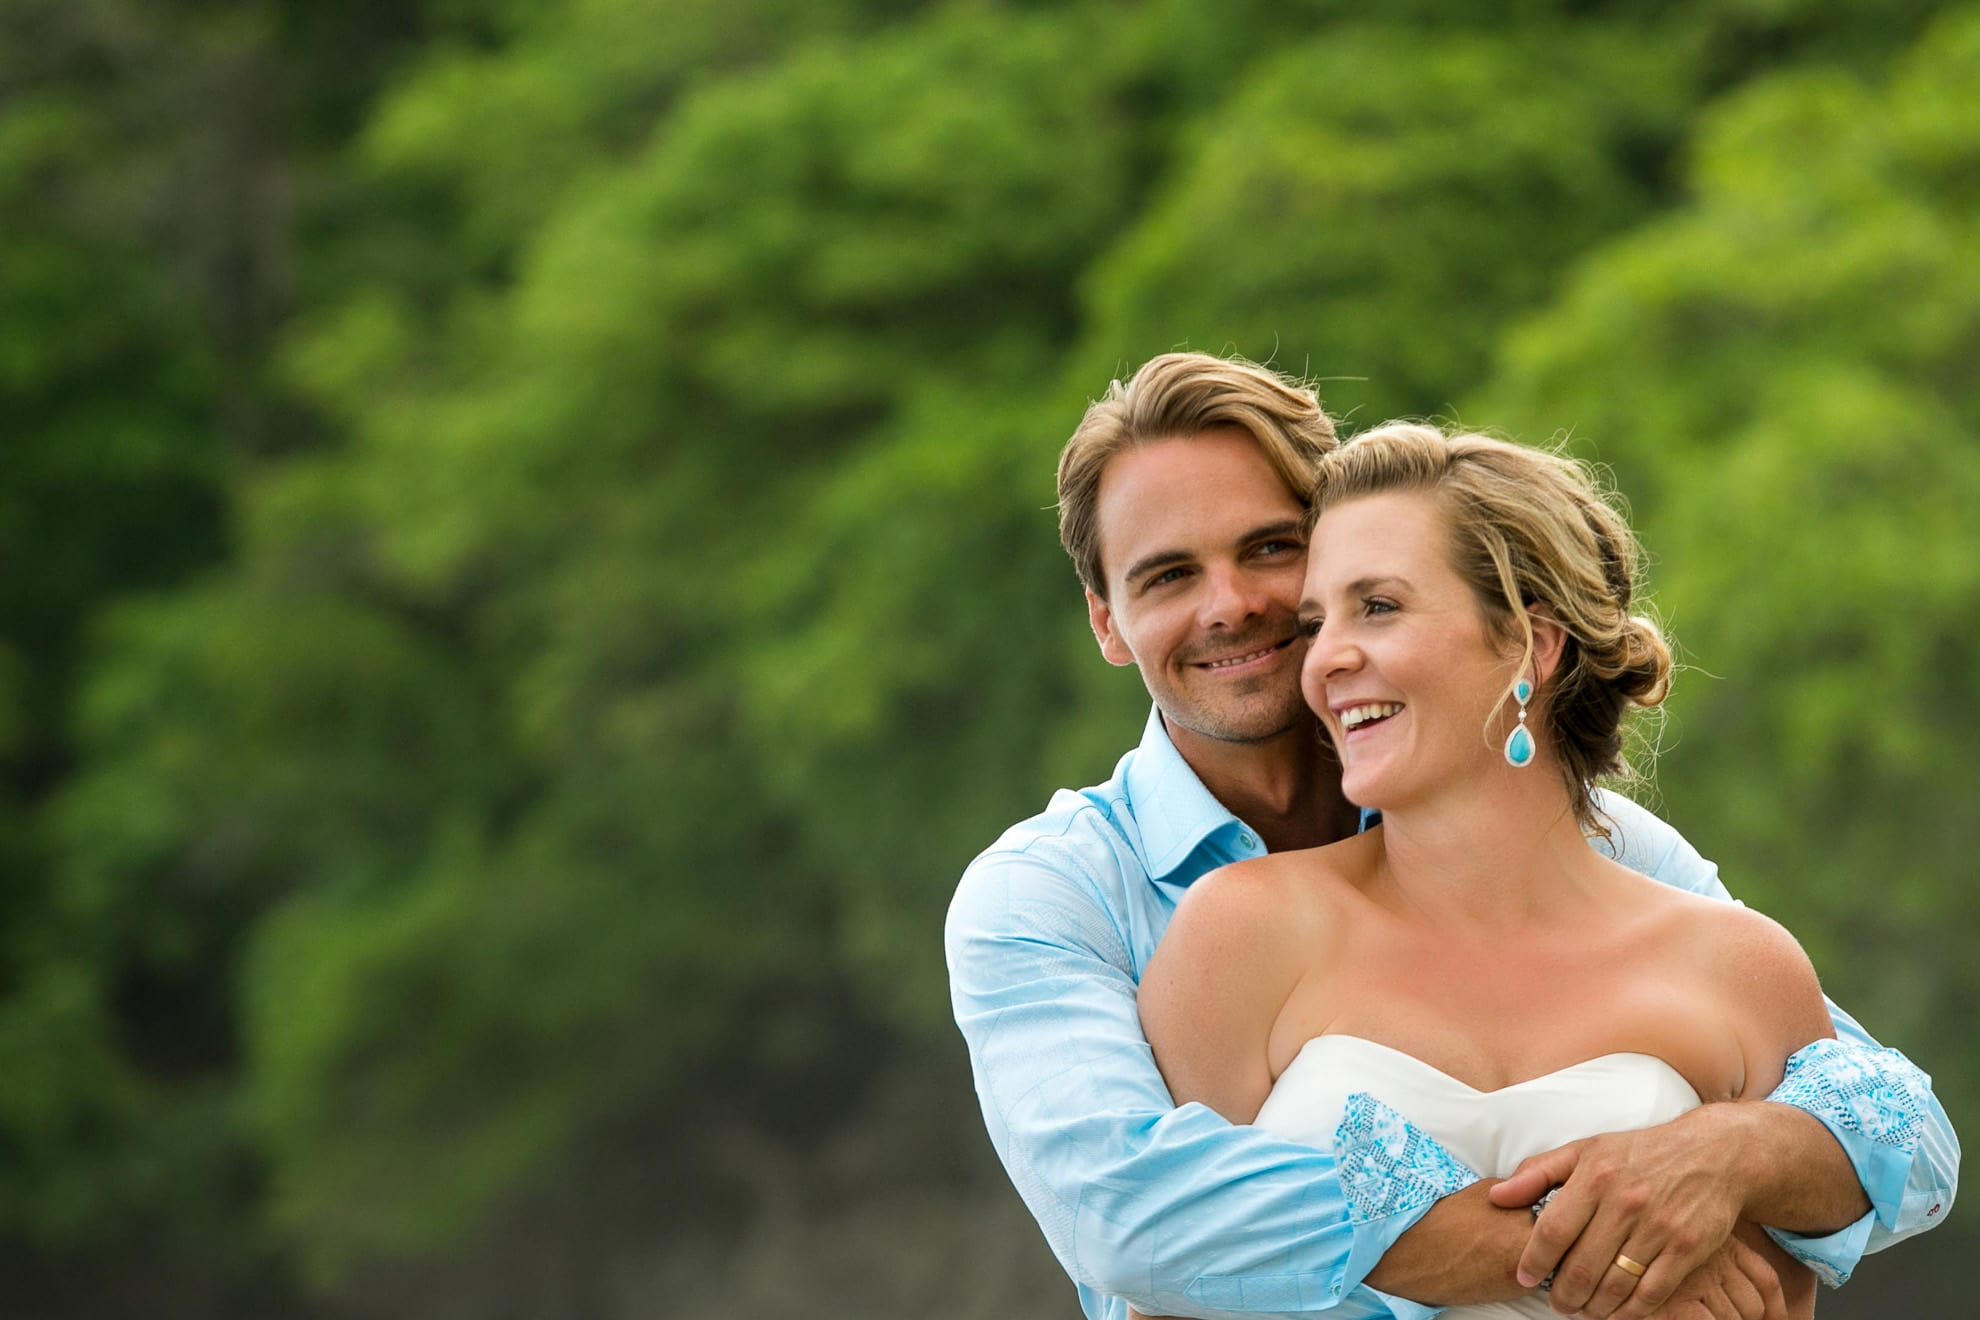 punto de vista wedding photographer in costa rica